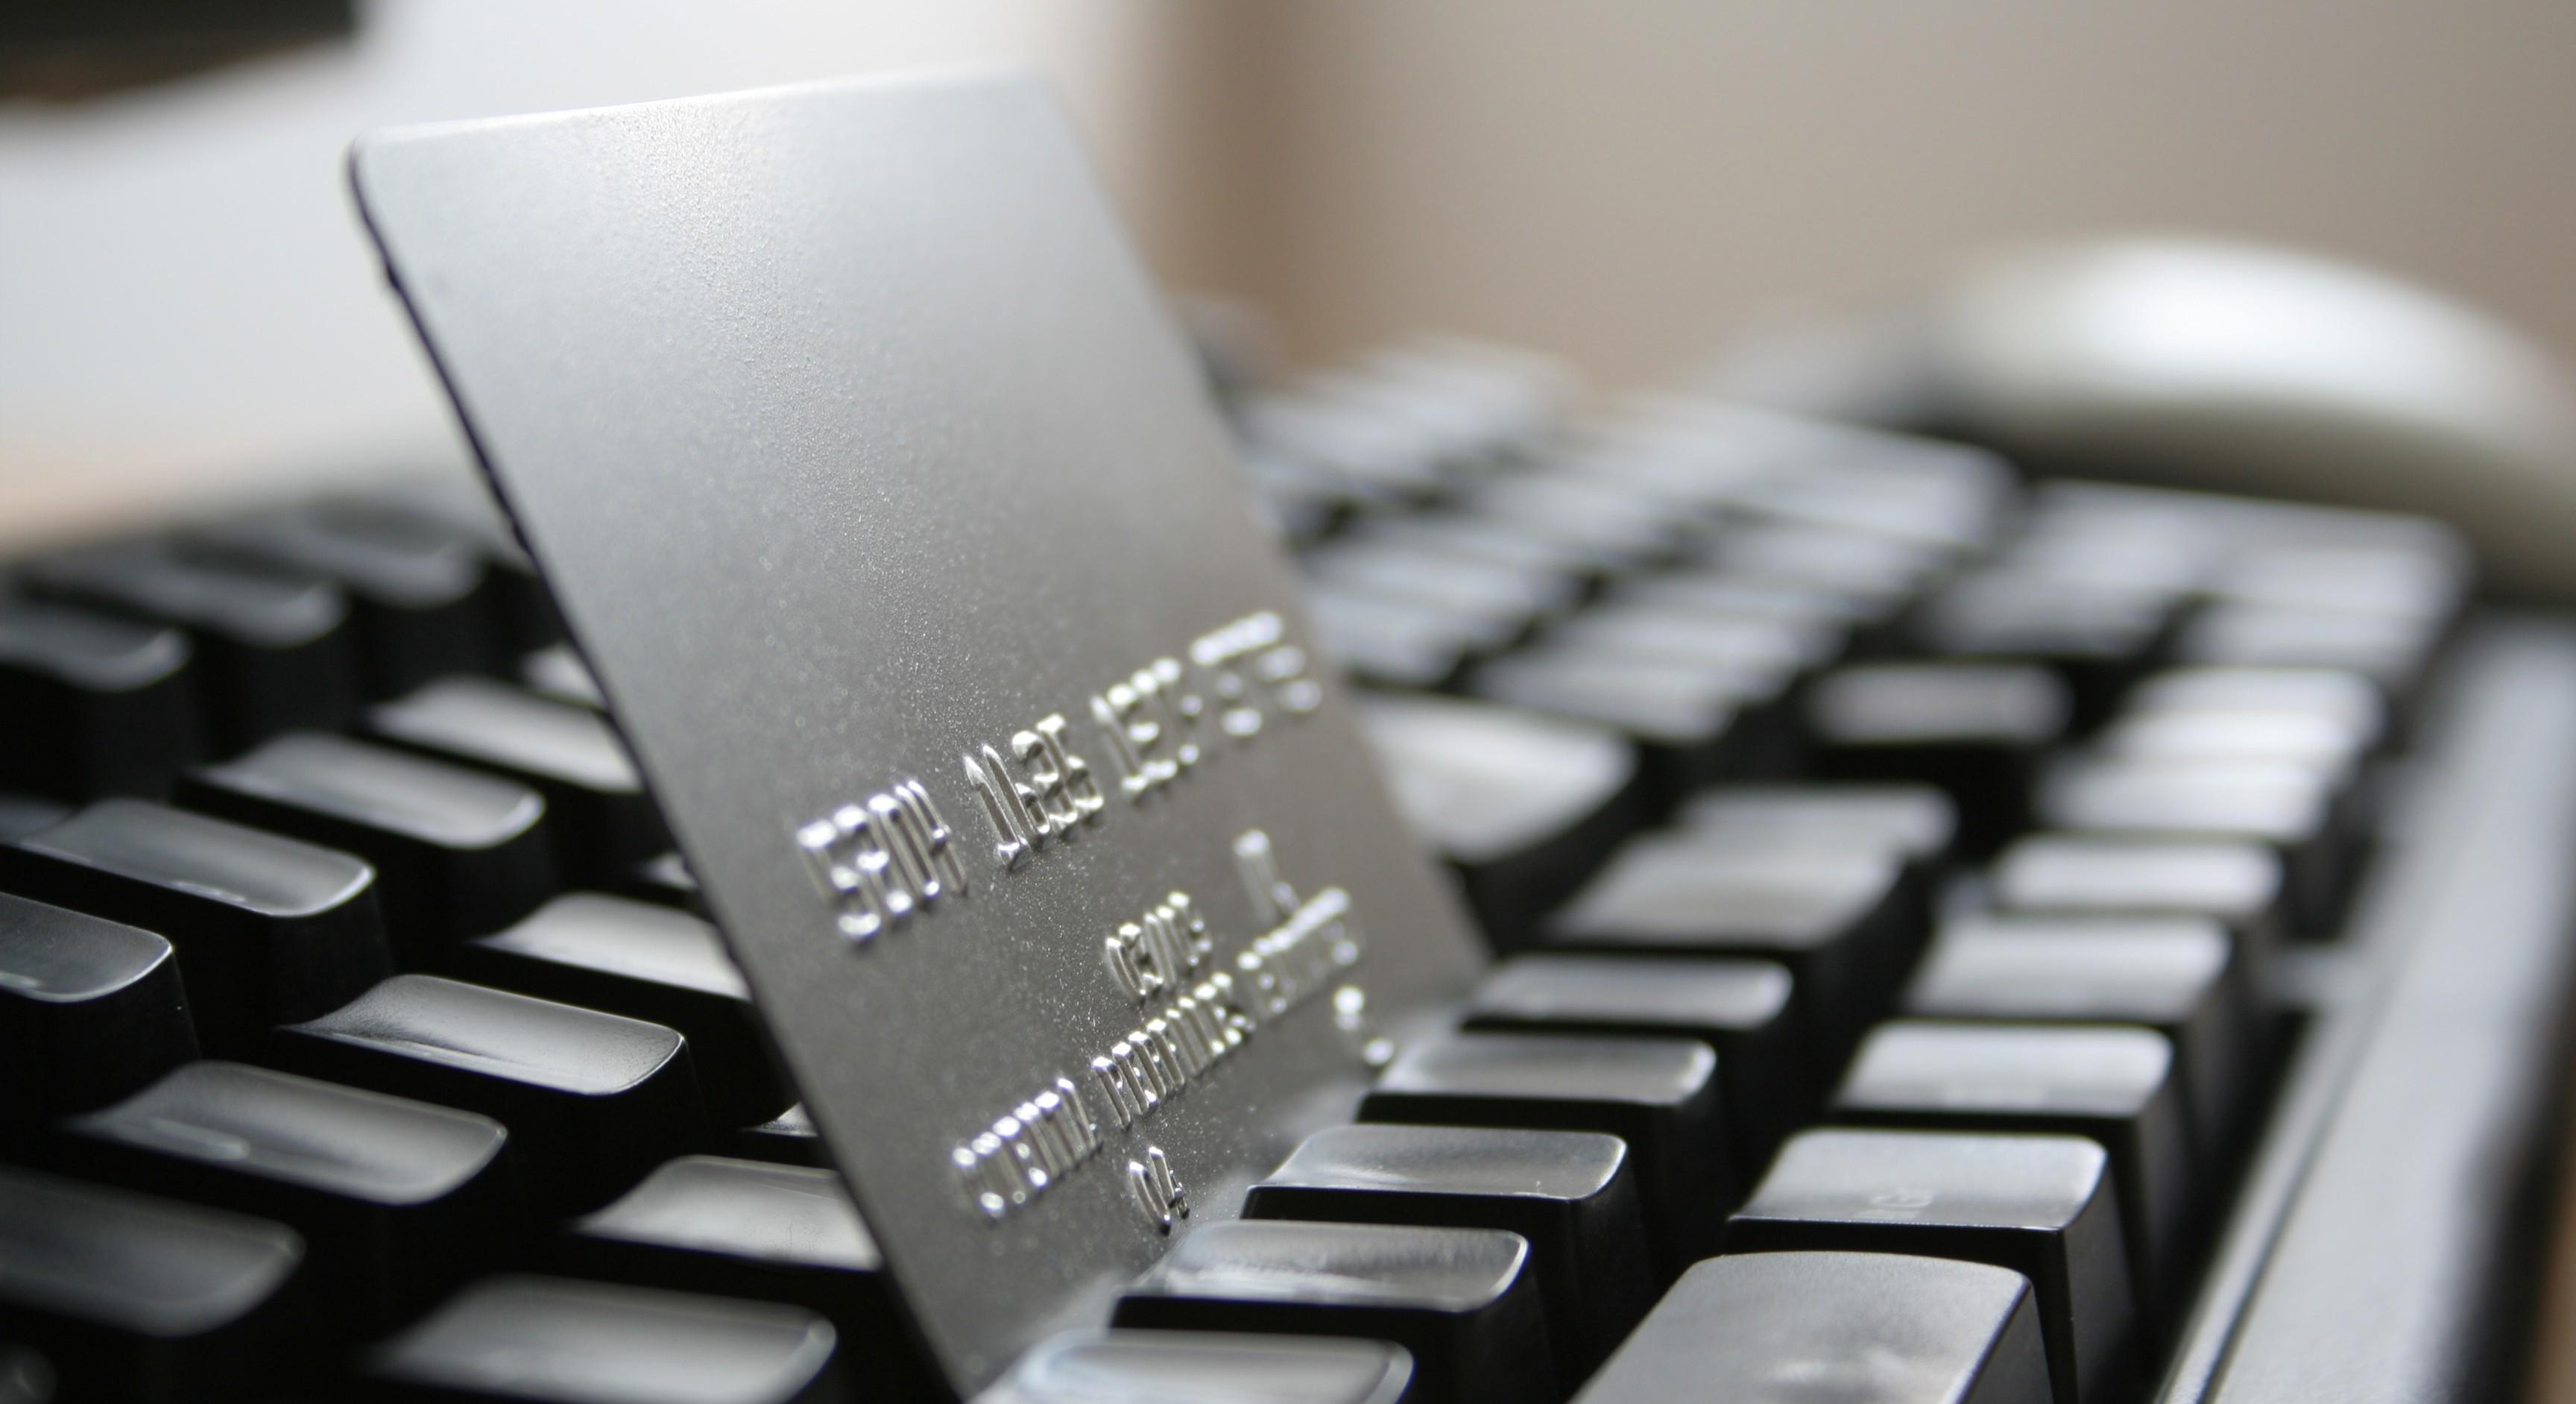 WayForPay: 7 провокационных вопросов к сервису онлайн-платежей